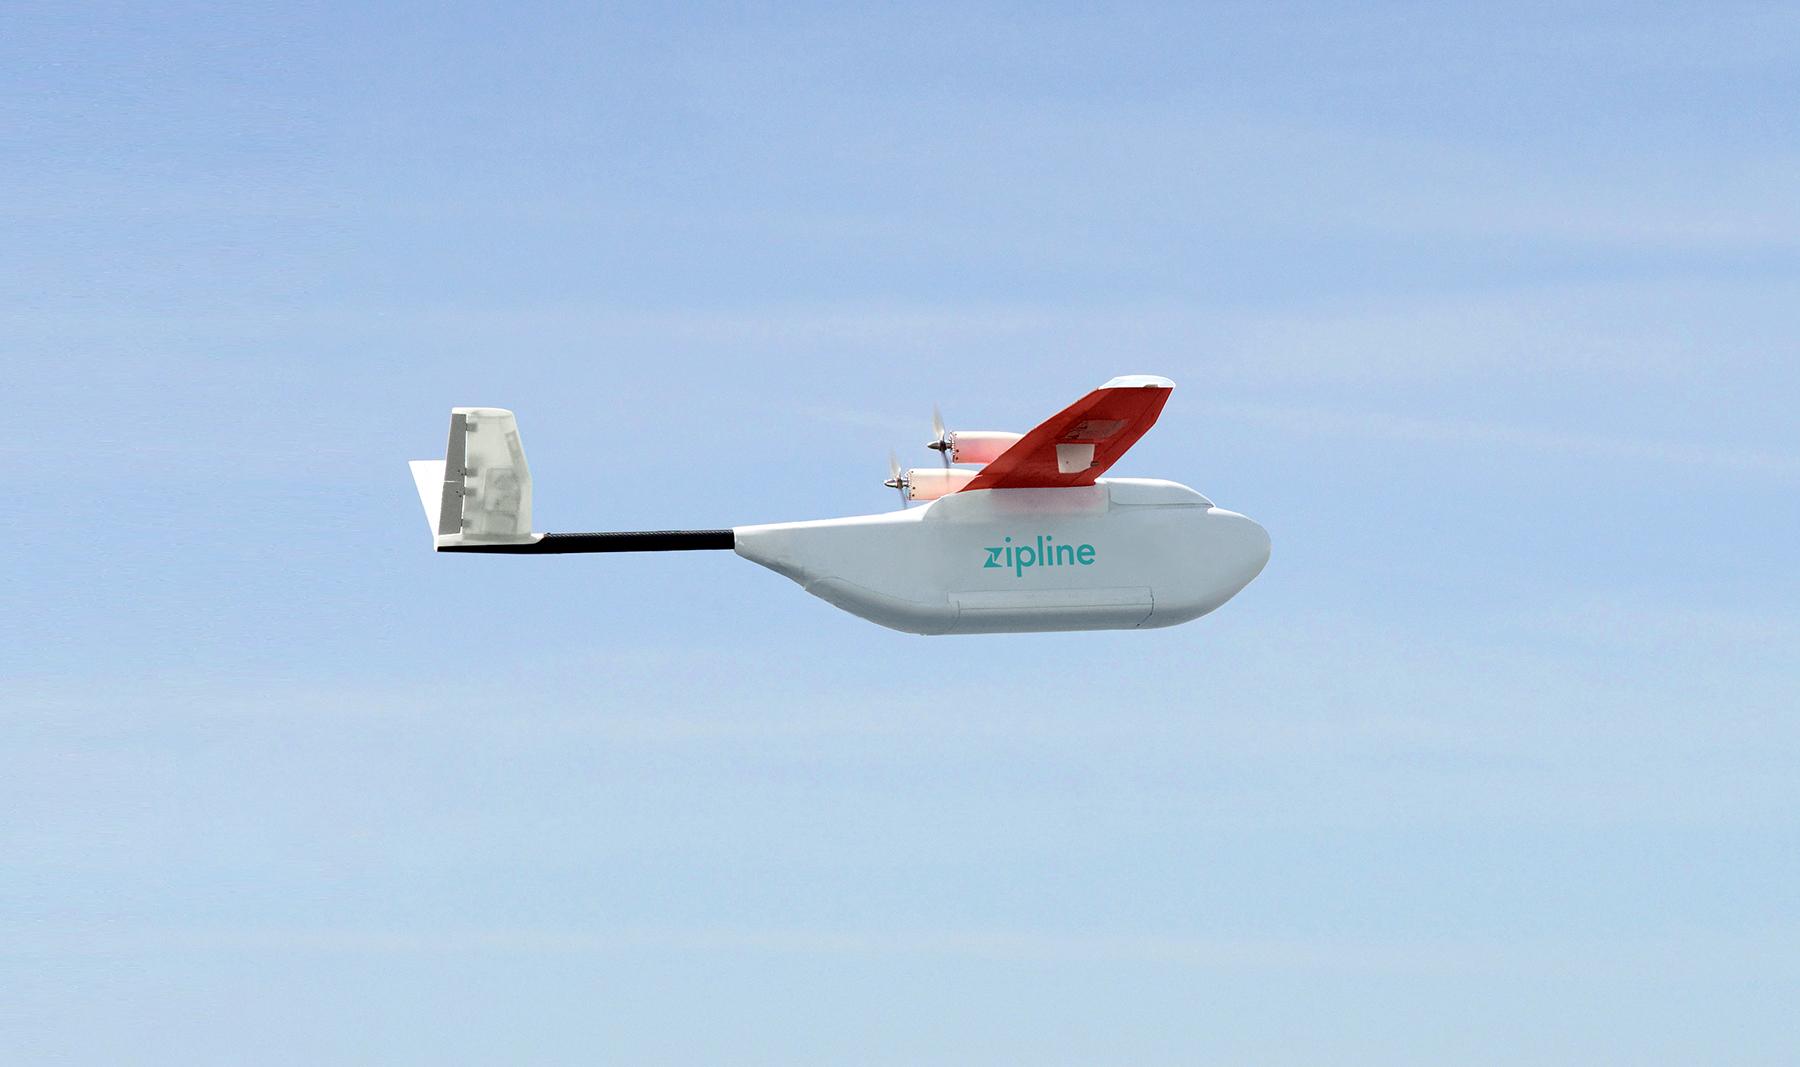 طائرات بدون طيار تنقل الدم إلى المستشفيات في رواندا